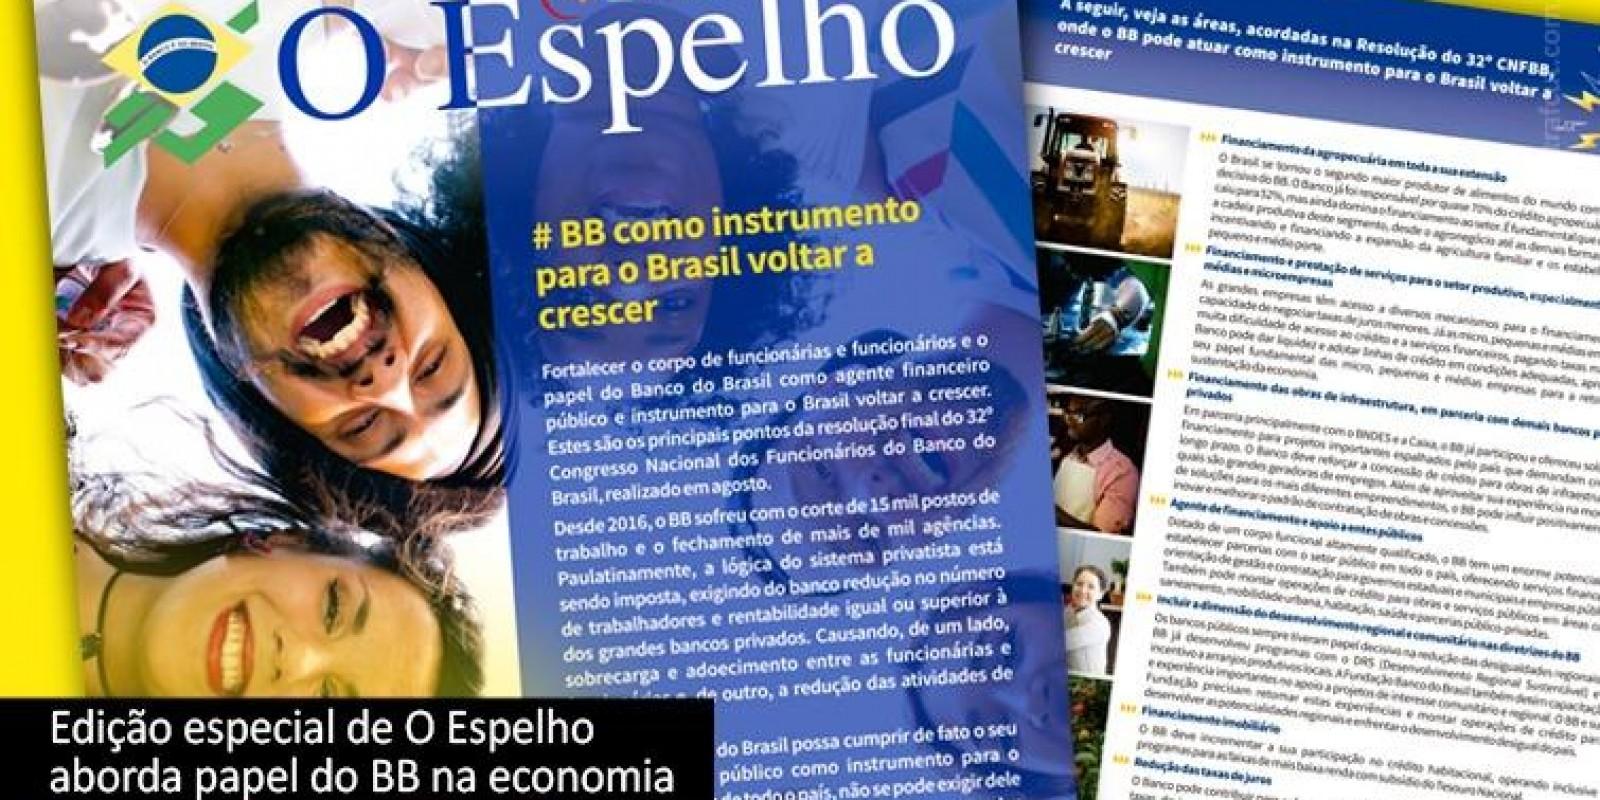 Banco do Brasil como instrumento para o Brasil voltar a crescer